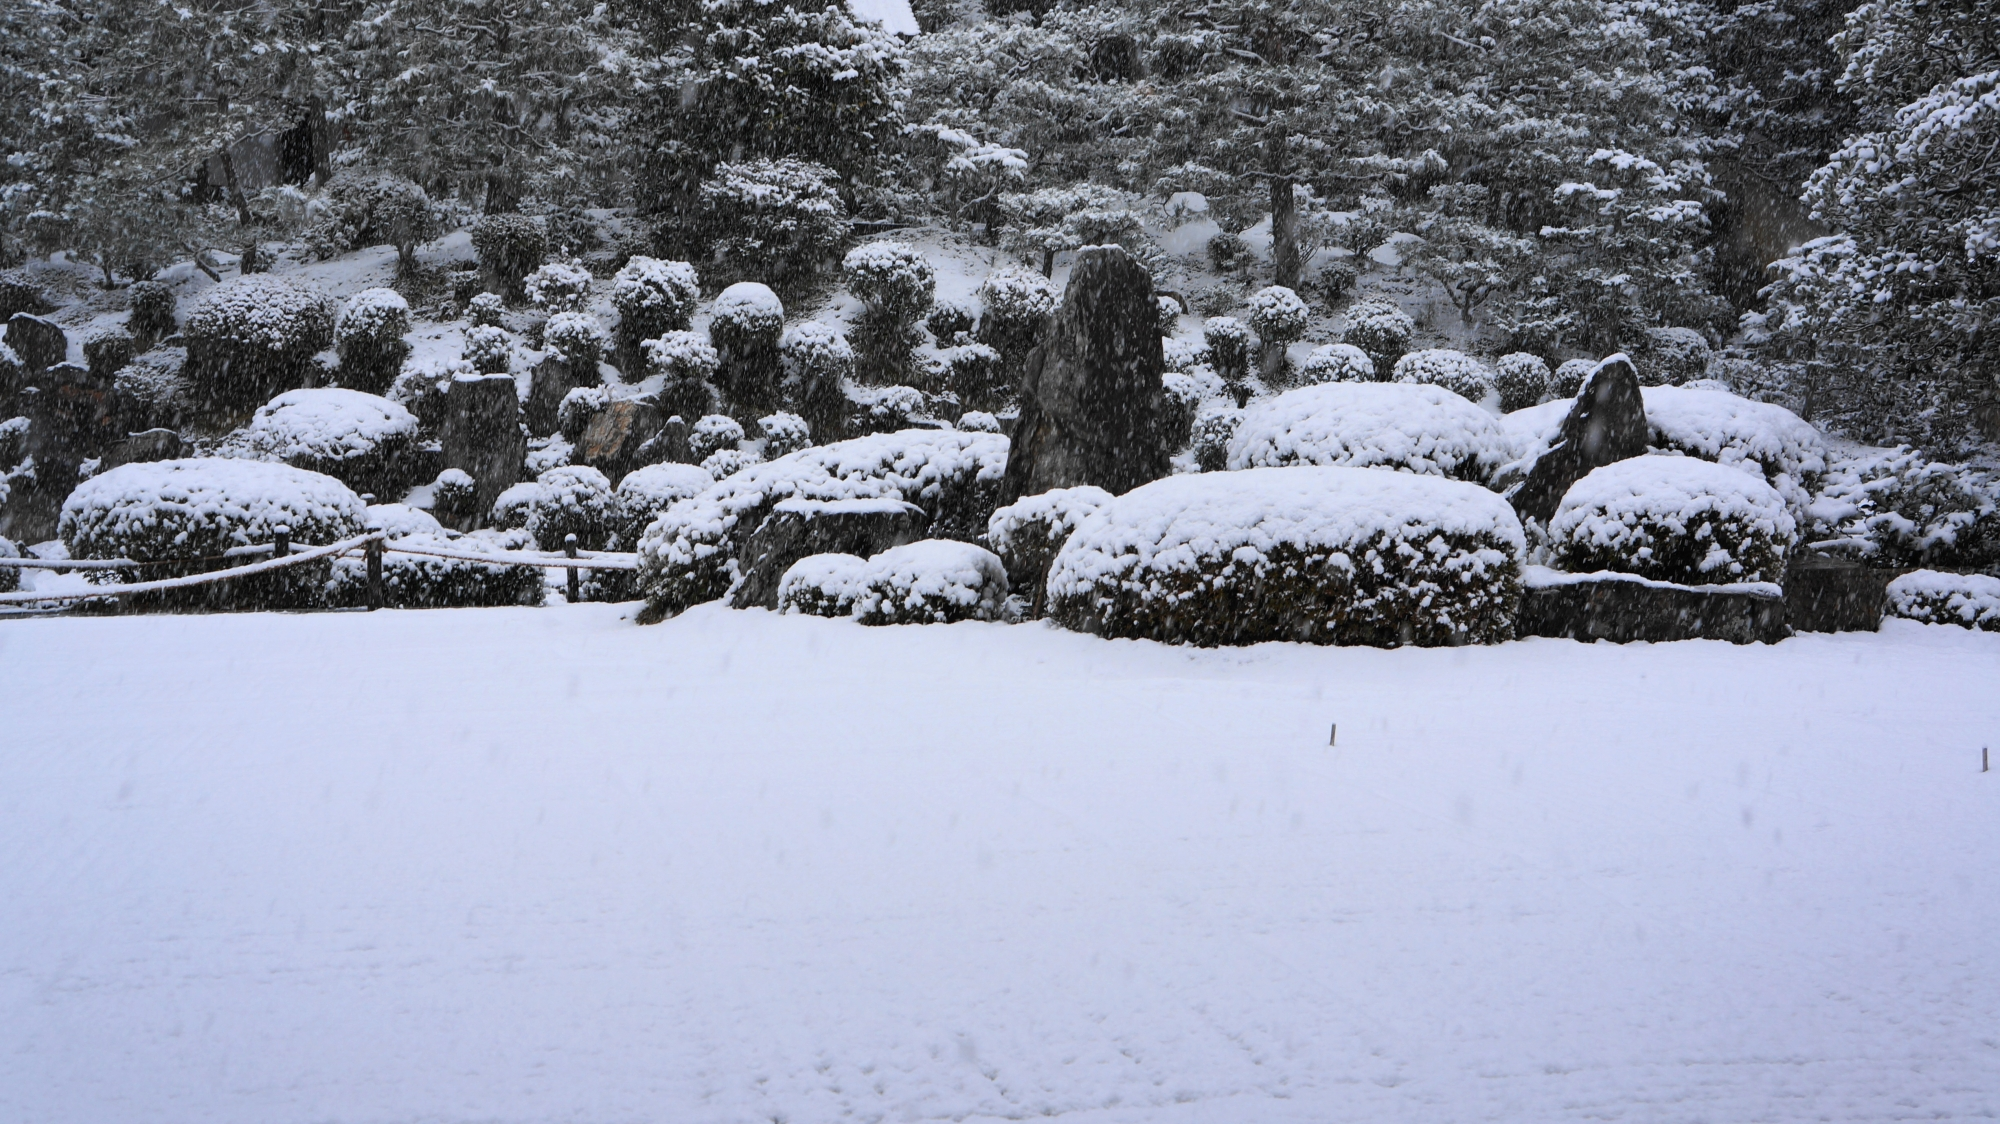 池泉式庭園と砂の枯山水庭園が融合した開山堂庭園